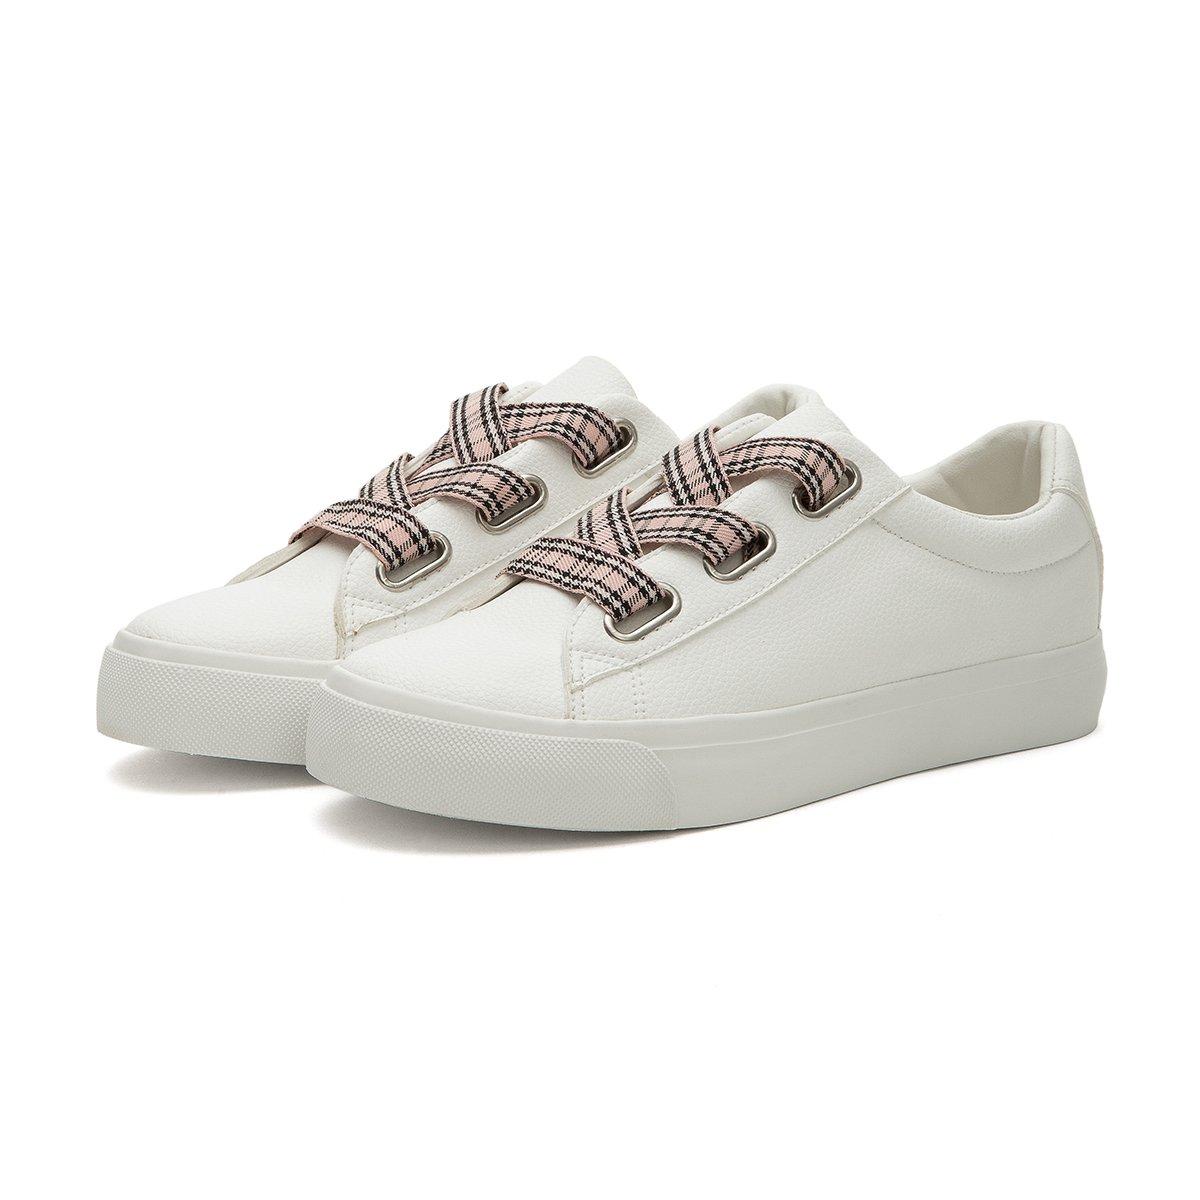 麦昆小白鞋鞋带系法